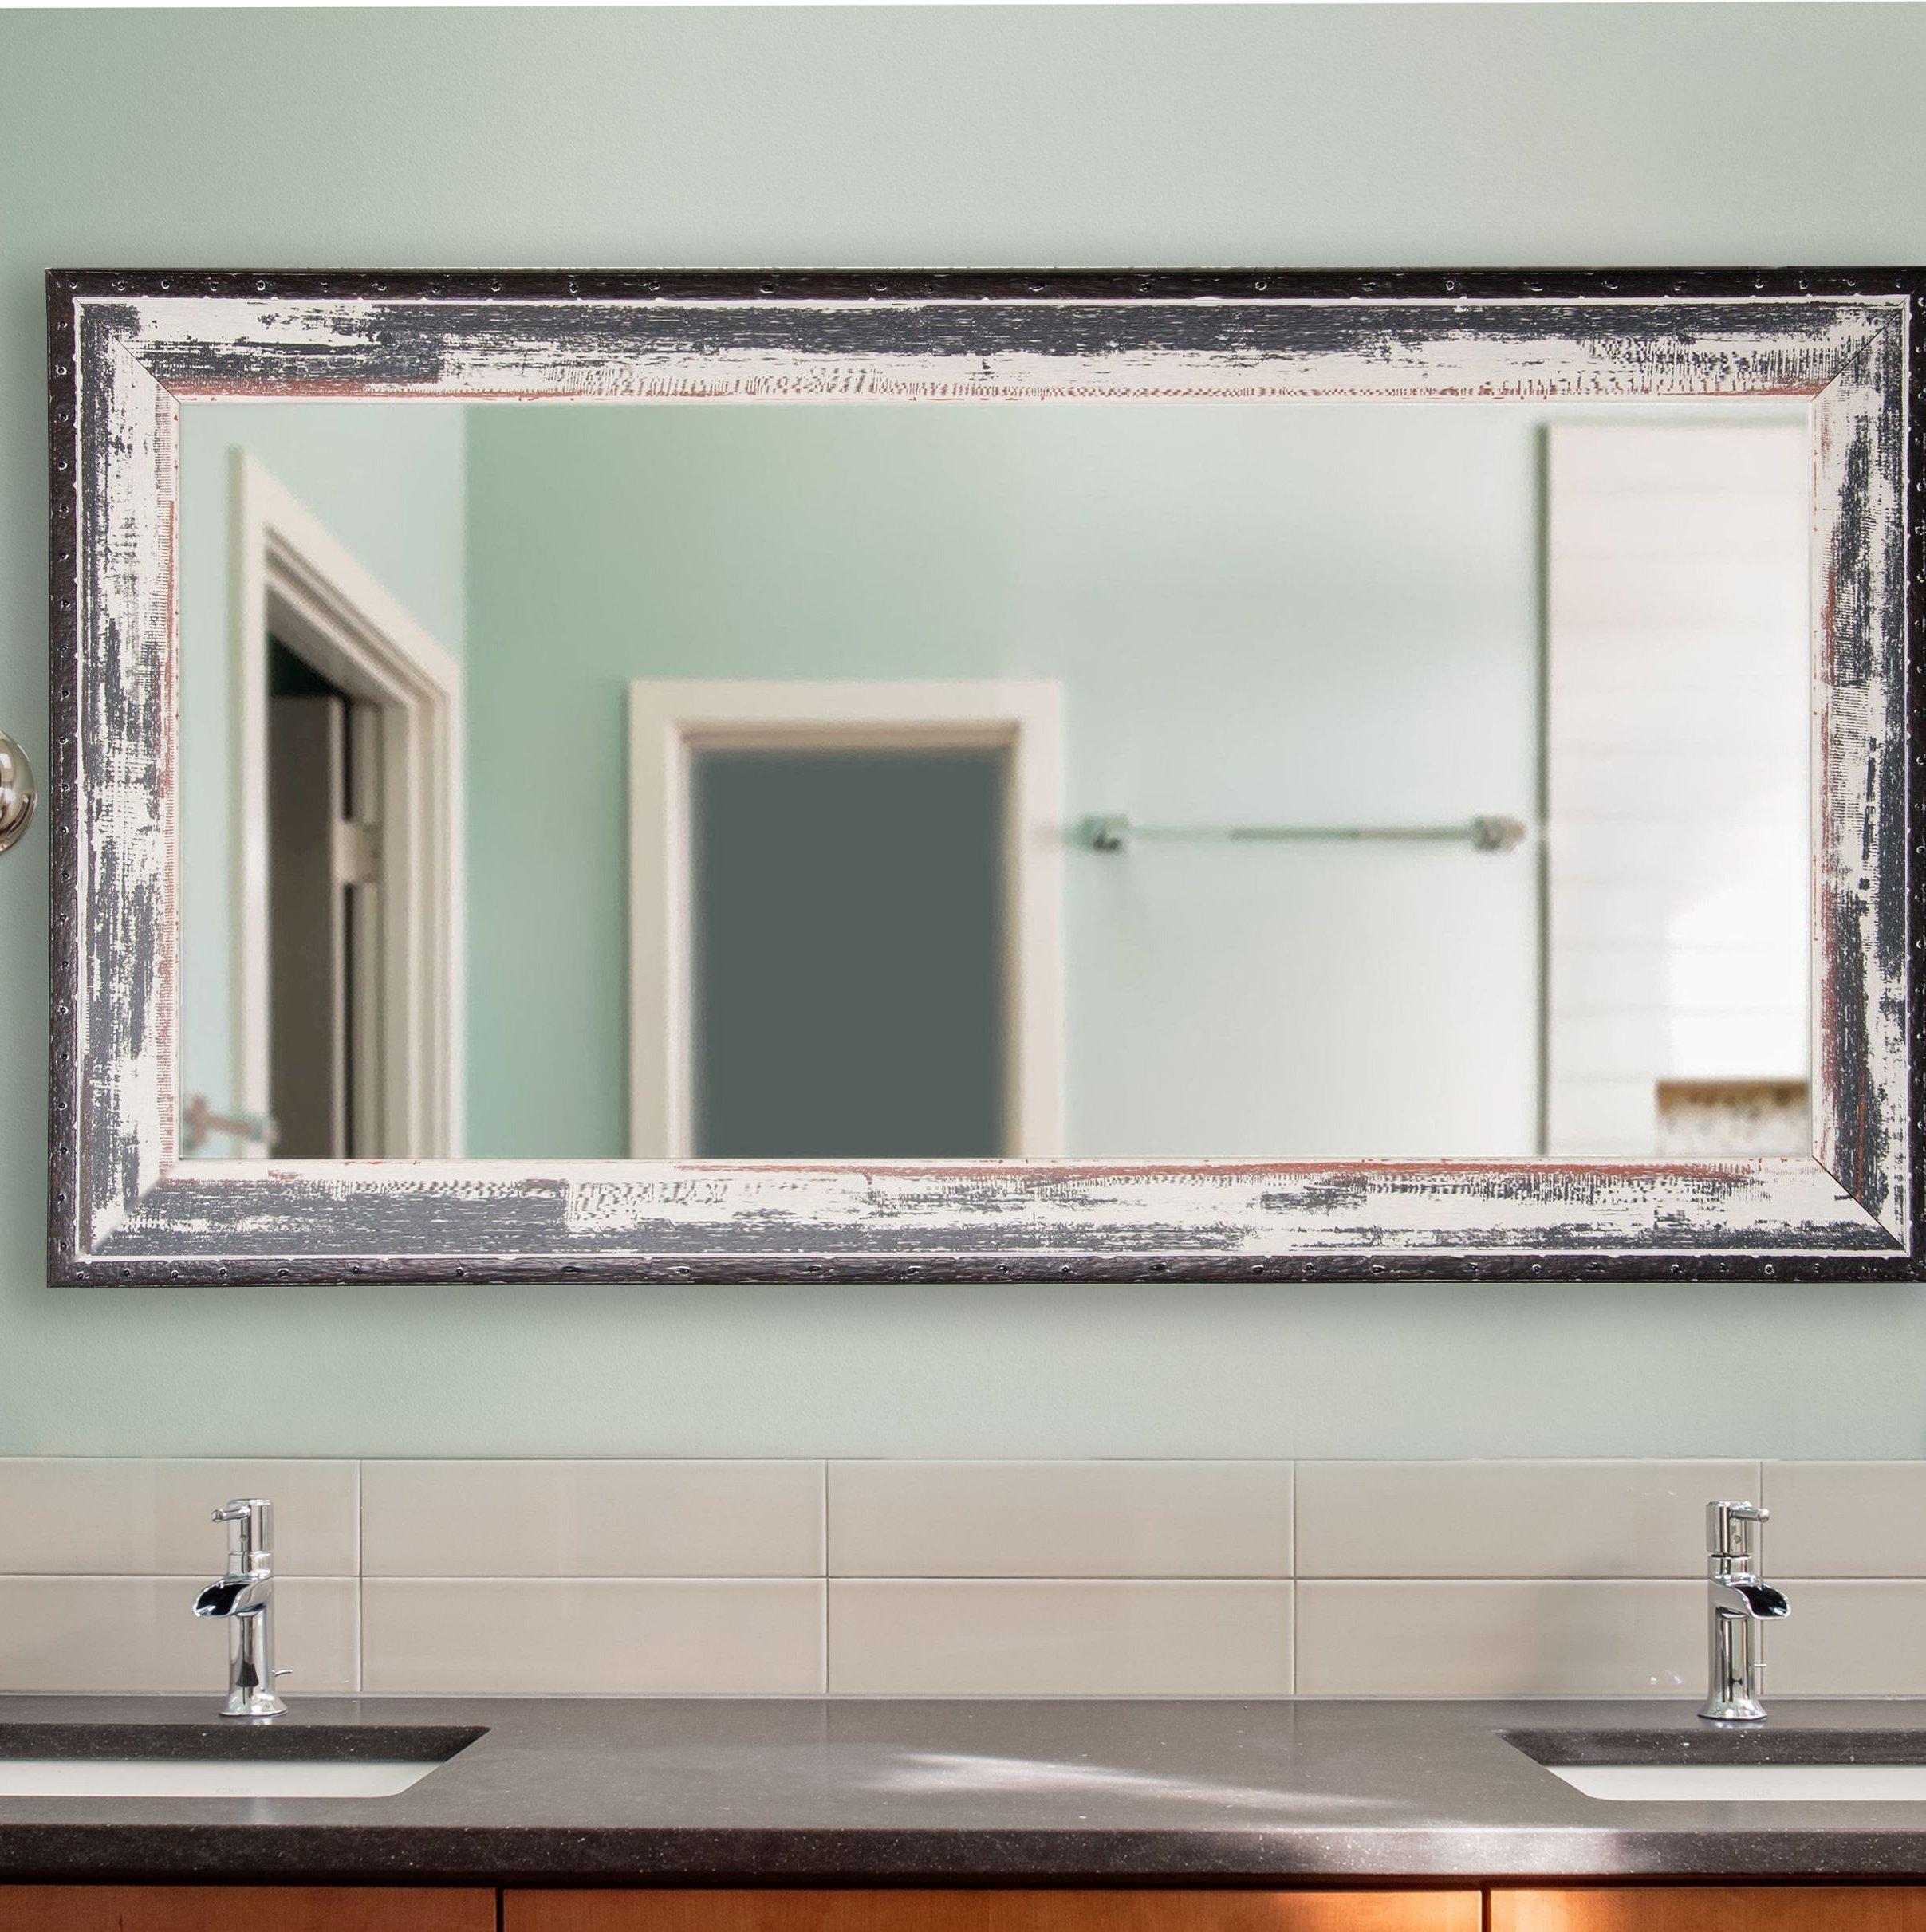 Junipero Modern & Contemporary Bathroom/vanity Mirror Within Landover Rustic Distressed Bathroom/vanity Mirrors (Image 10 of 20)